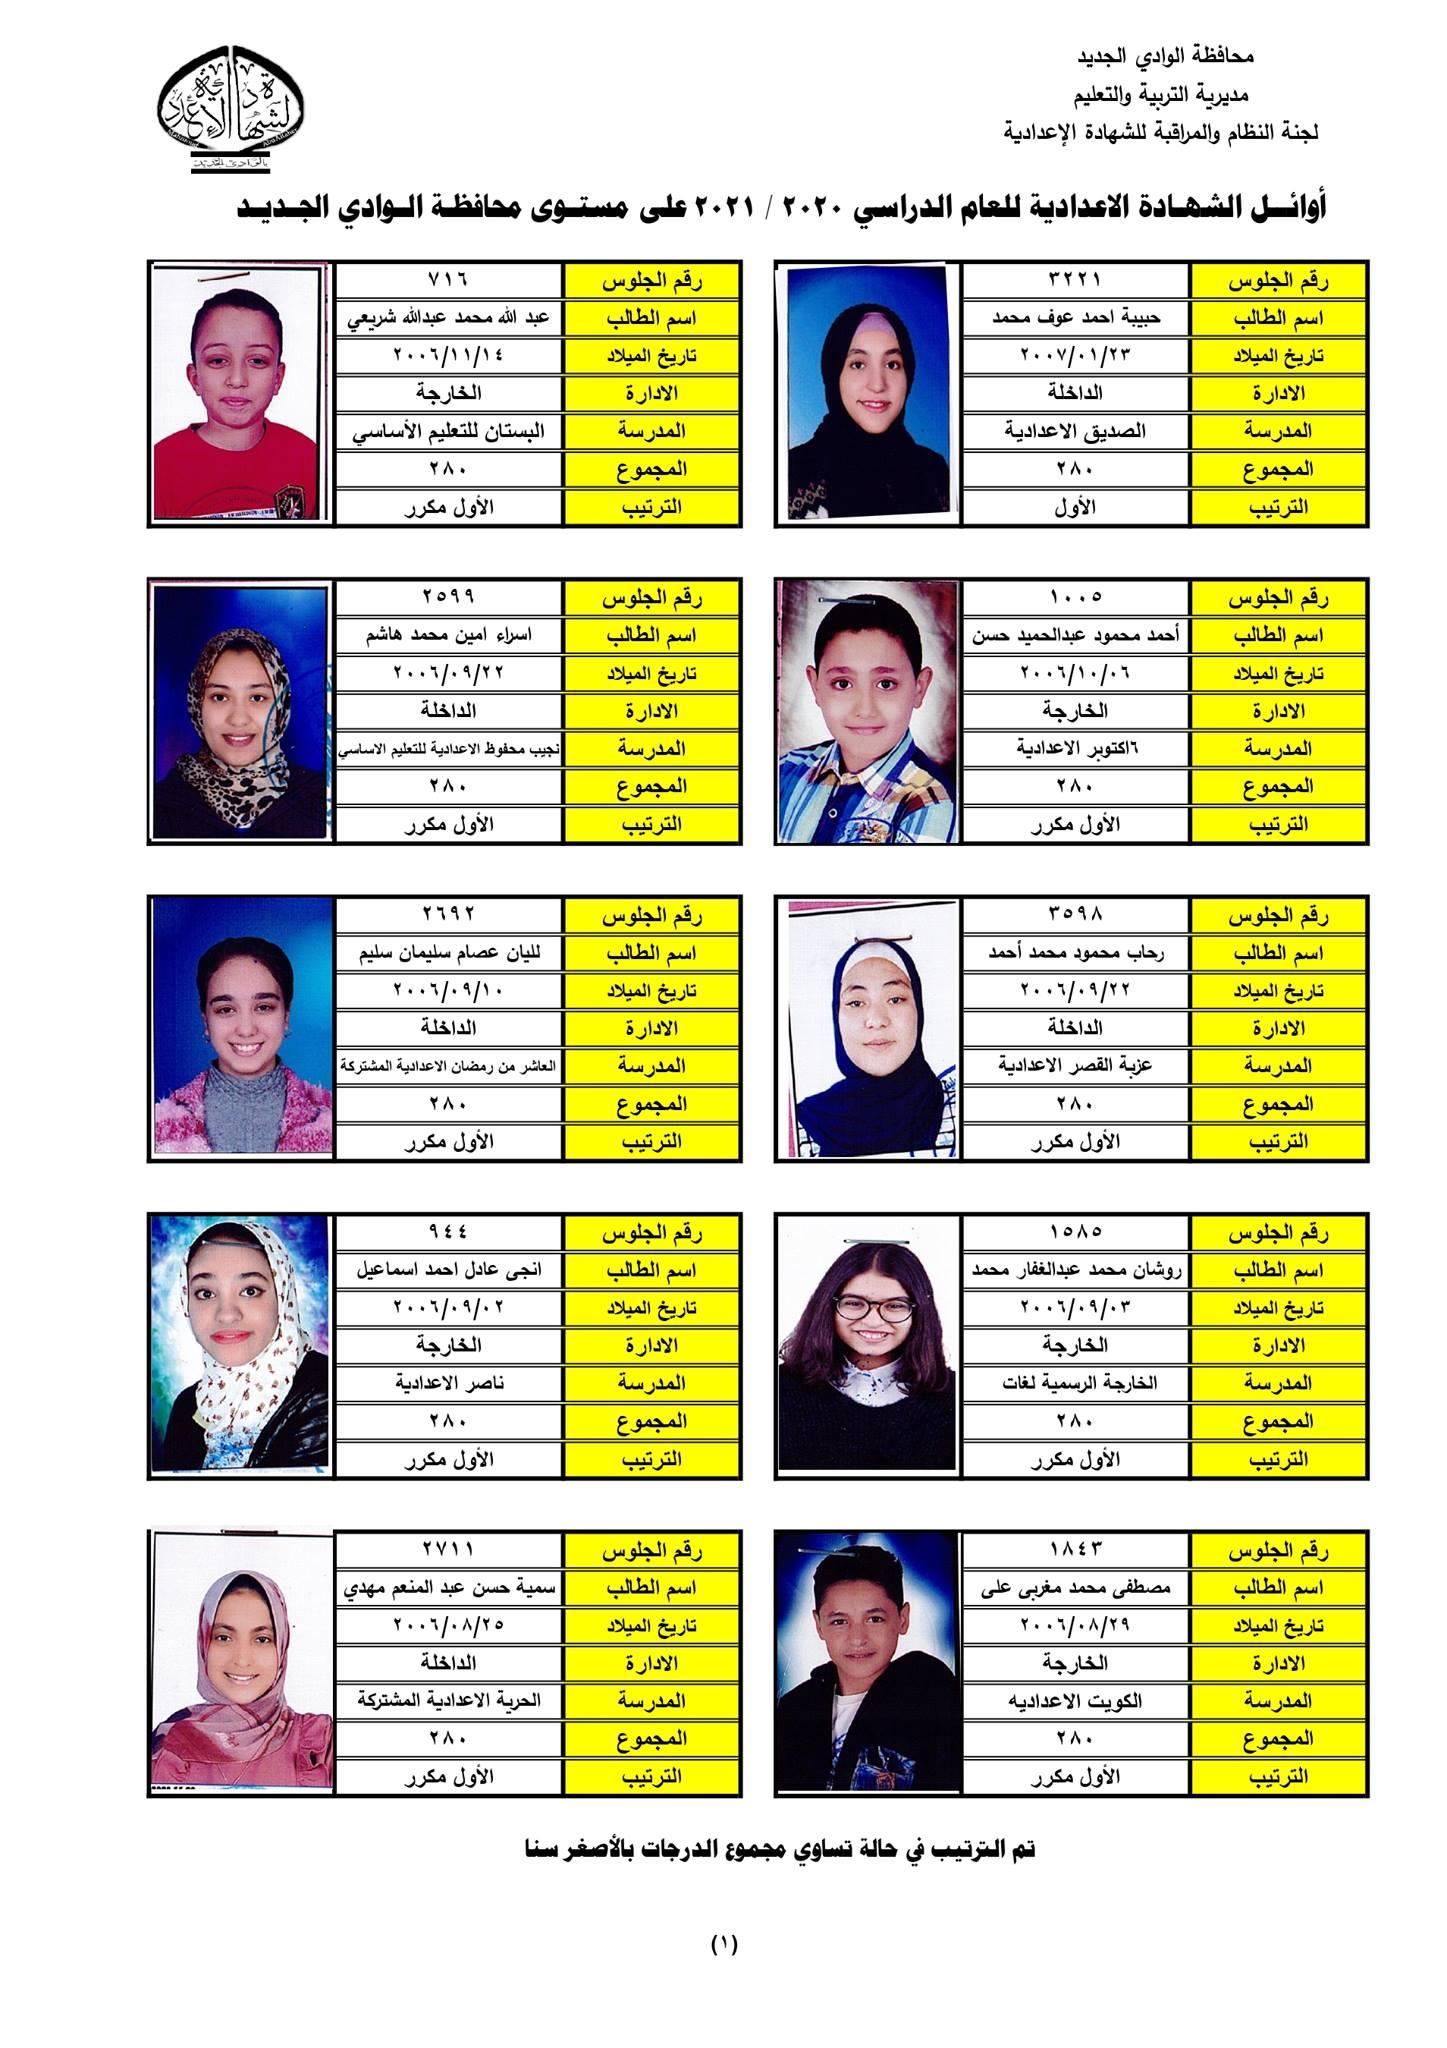 نتيجة الشهادة الإعدادية 2021 محافظة الوادي الجديد  5